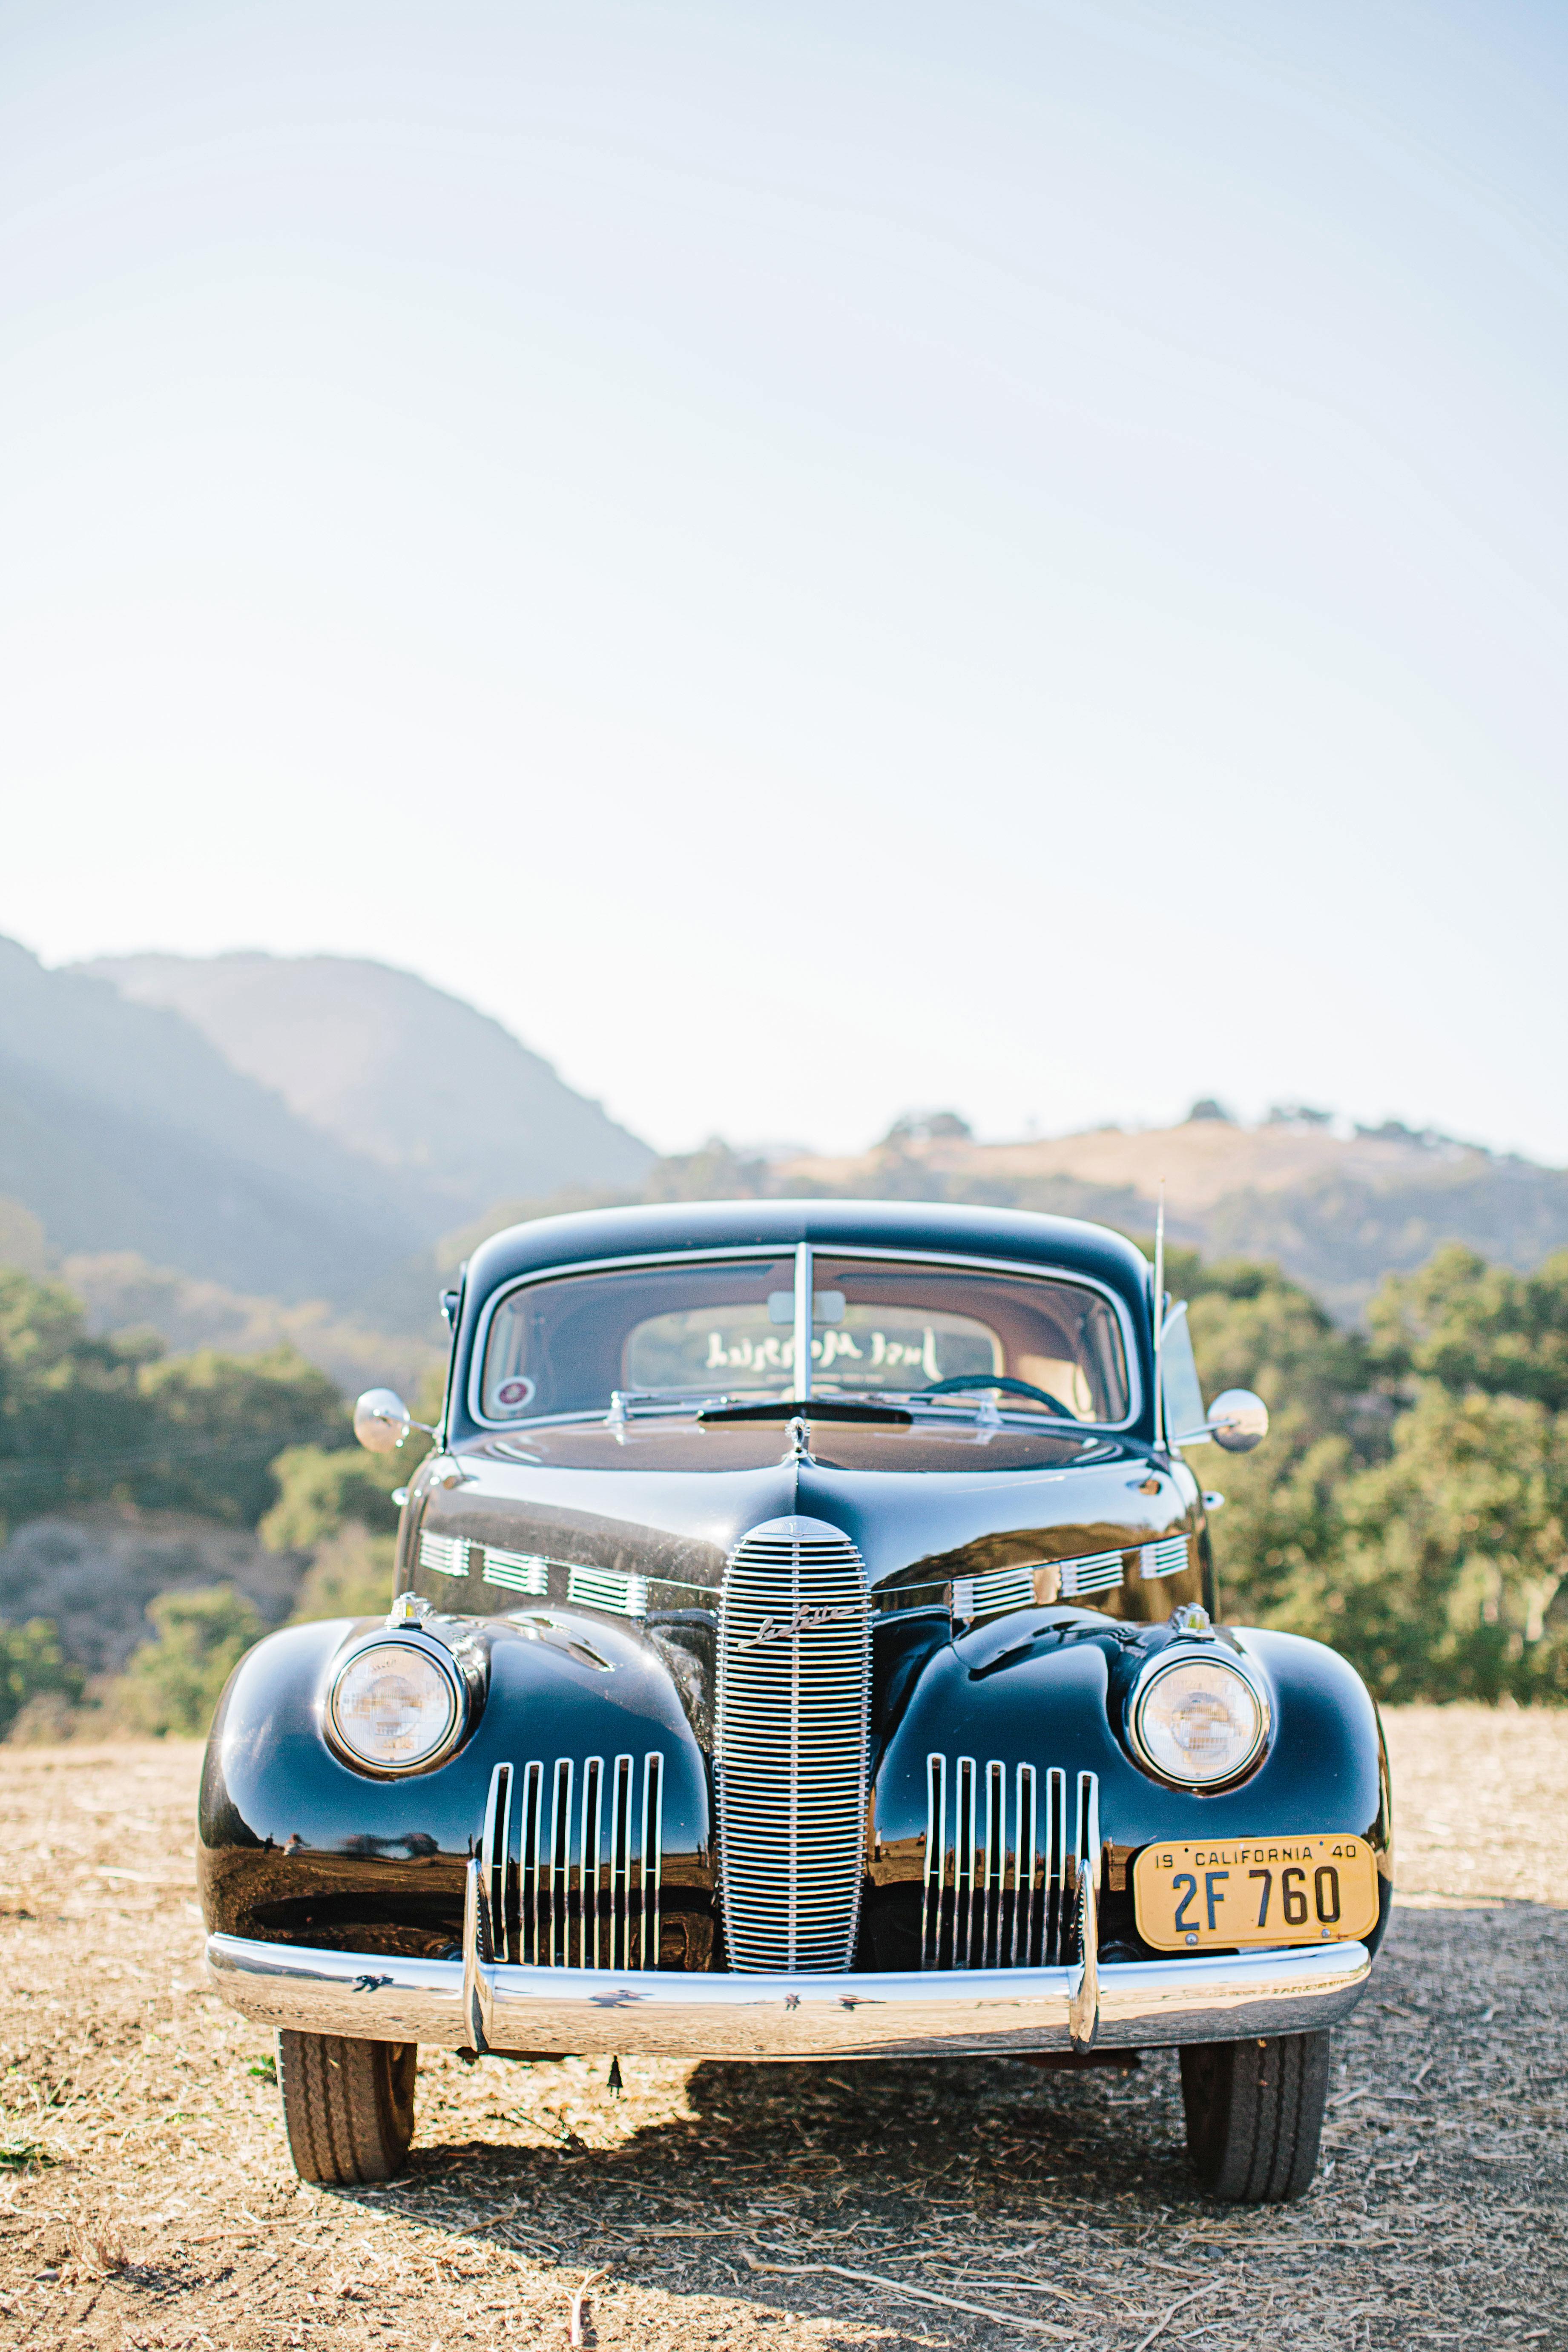 stephanie jared wedding car